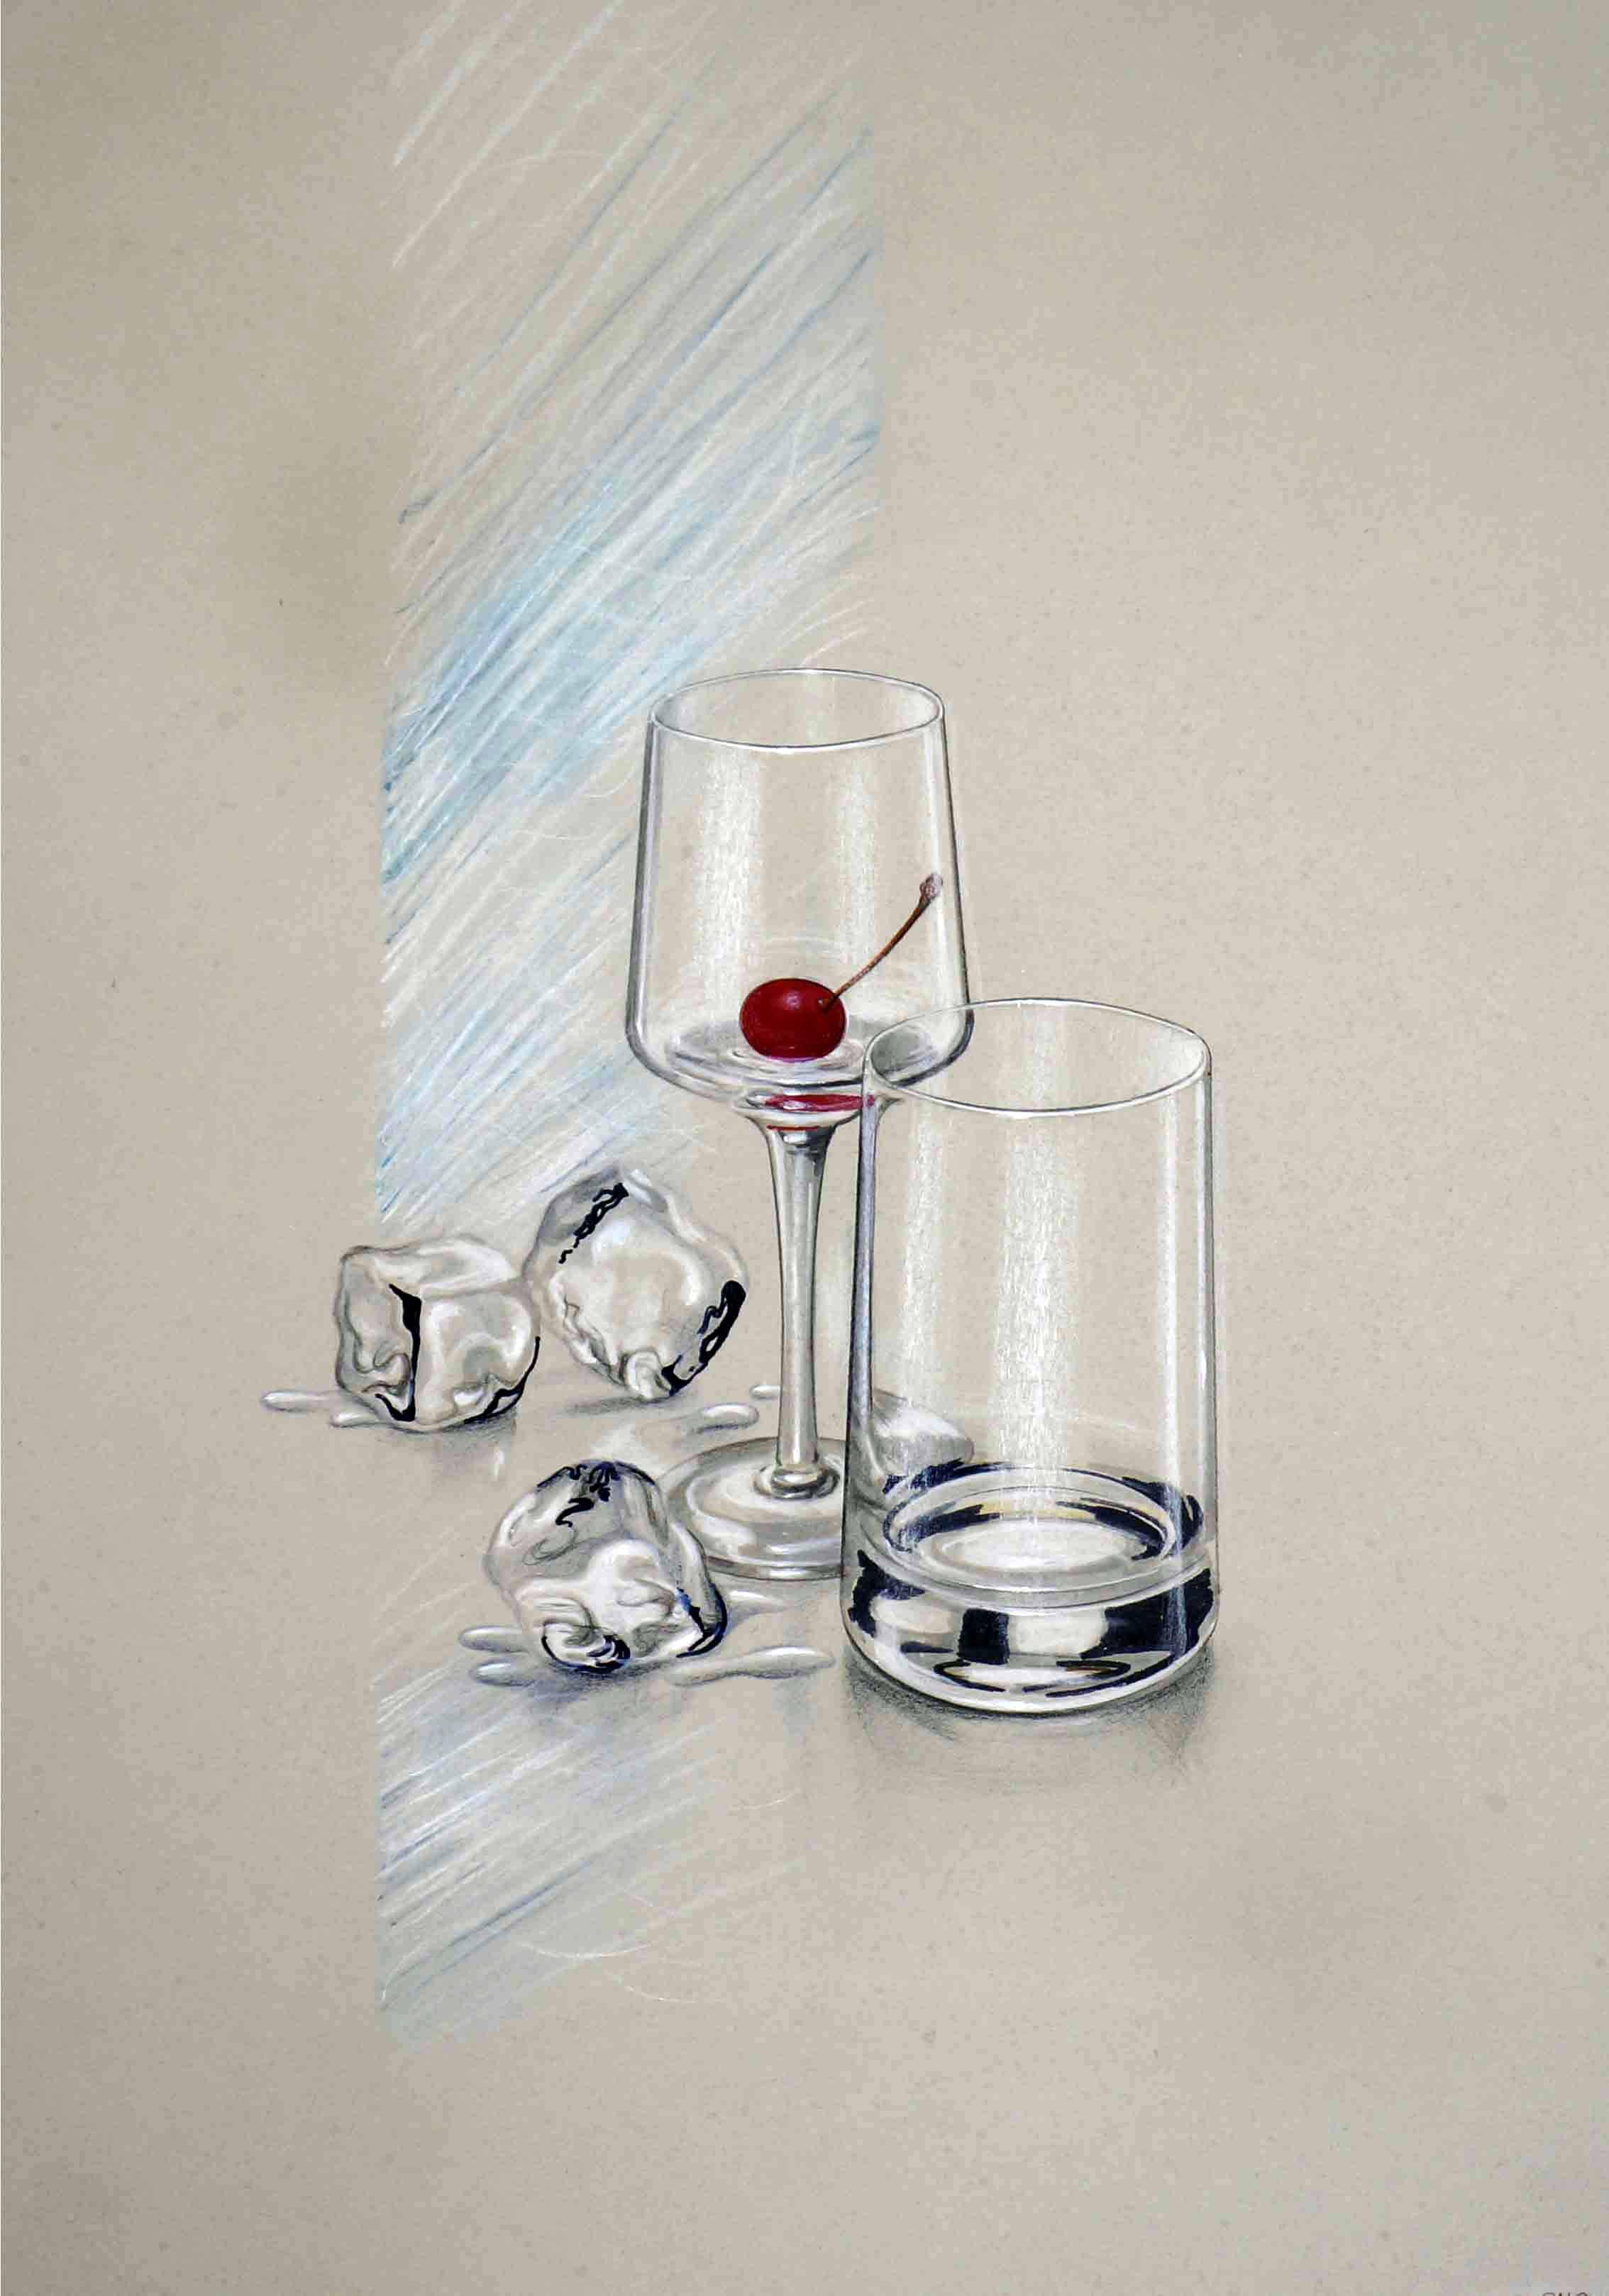 Ilustração de copo e taça de vidro, cereja e gelos